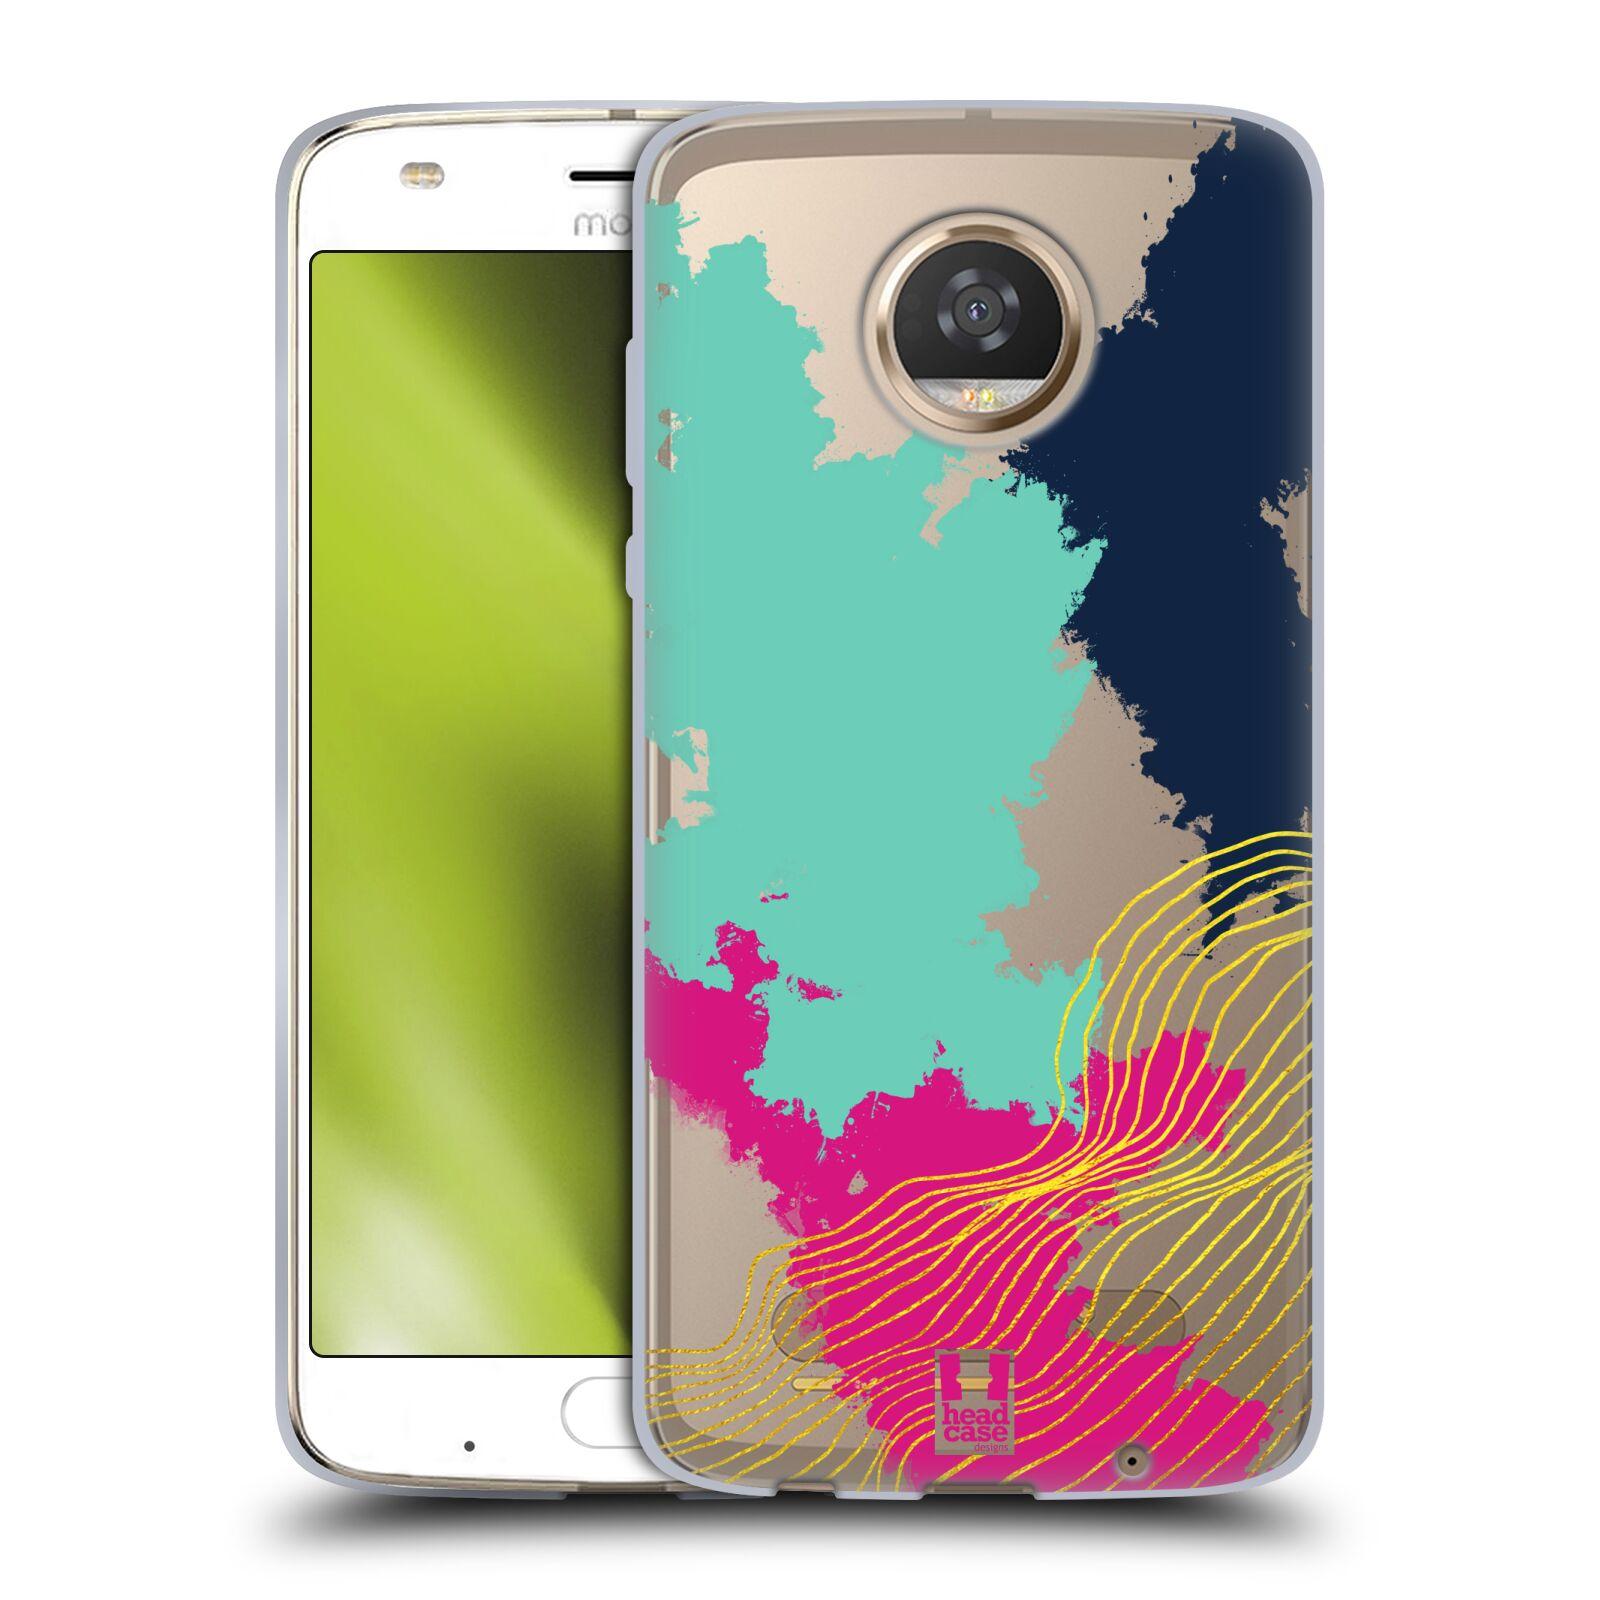 Funda-HEAD-CASE-DESIGNS-CON-Gel-Suave-trazos-abstractos-para-telefonos-Motorola